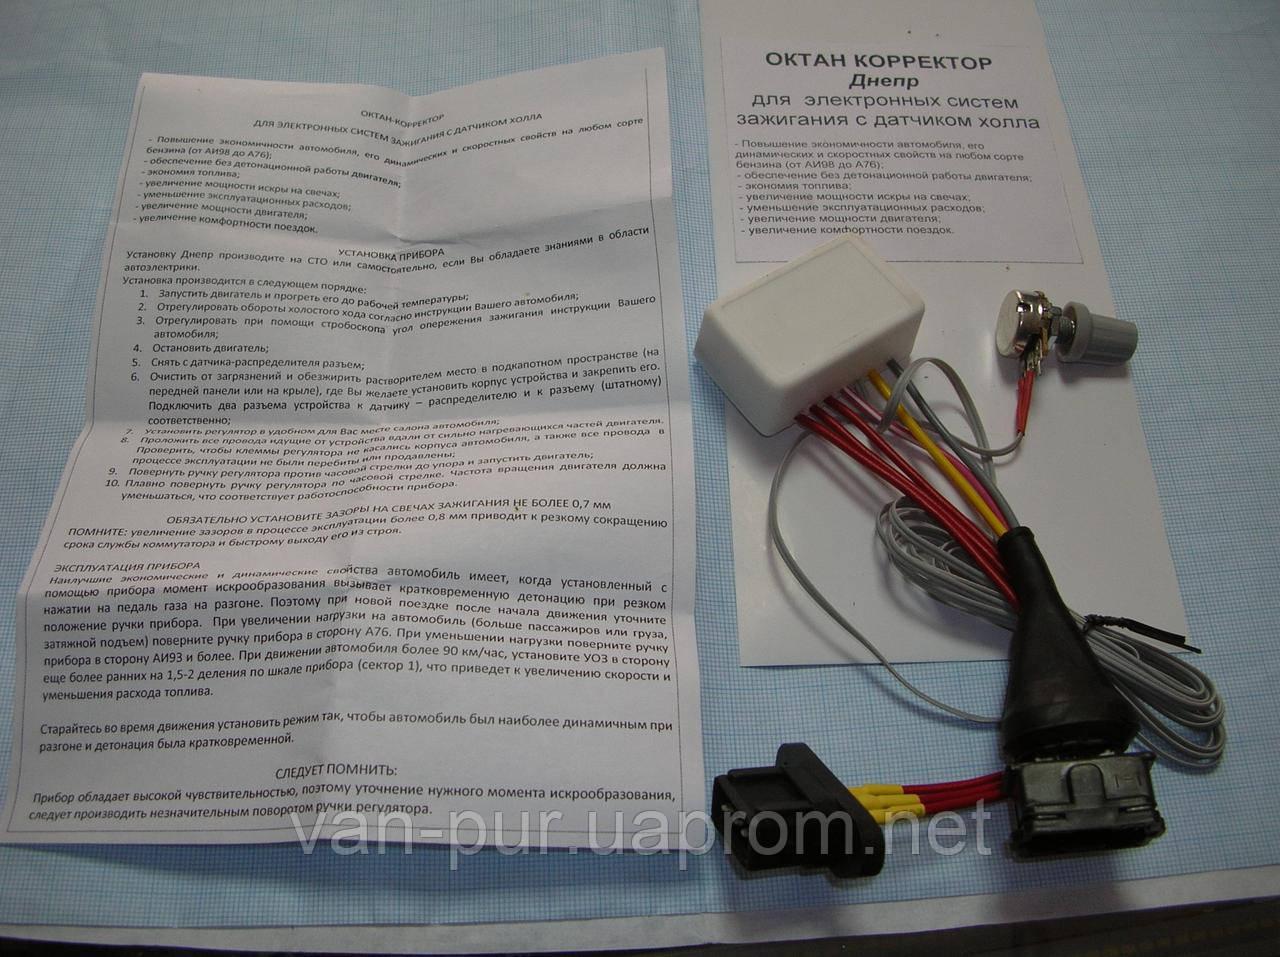 Октан-корректор для электронных систем зажигания с датчиком холла - Автомагазин ВАН-ПУР в Днепре